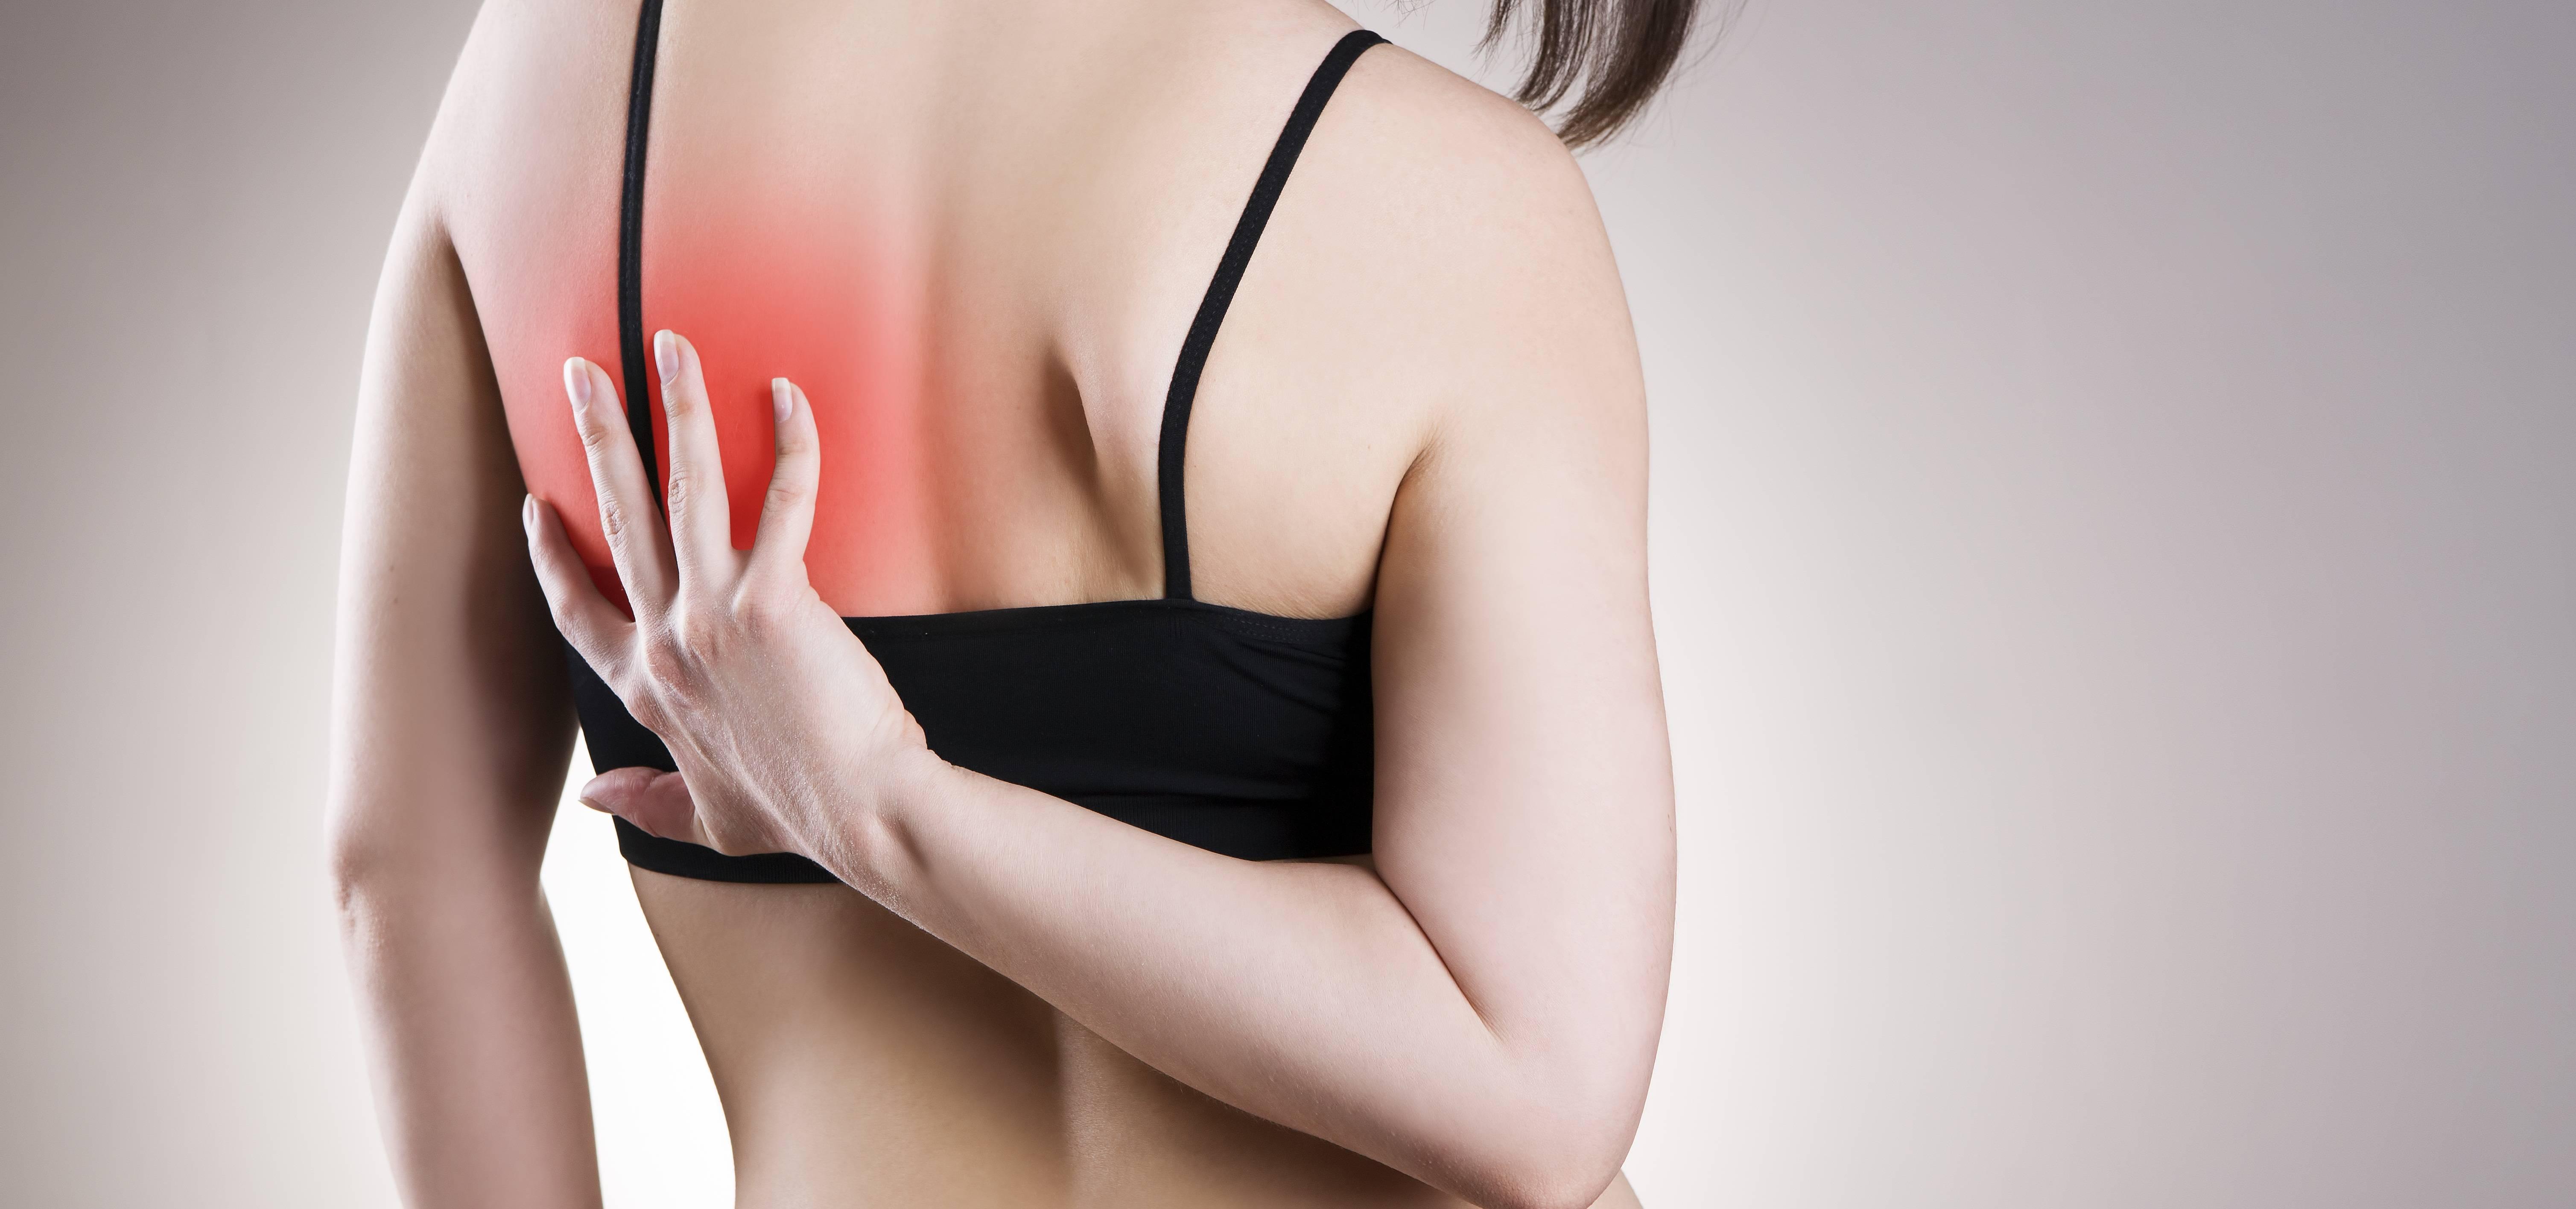 Боль под левой и правой лопаткой сзади со спины: причины и лечение, что может болеть в области лопаток